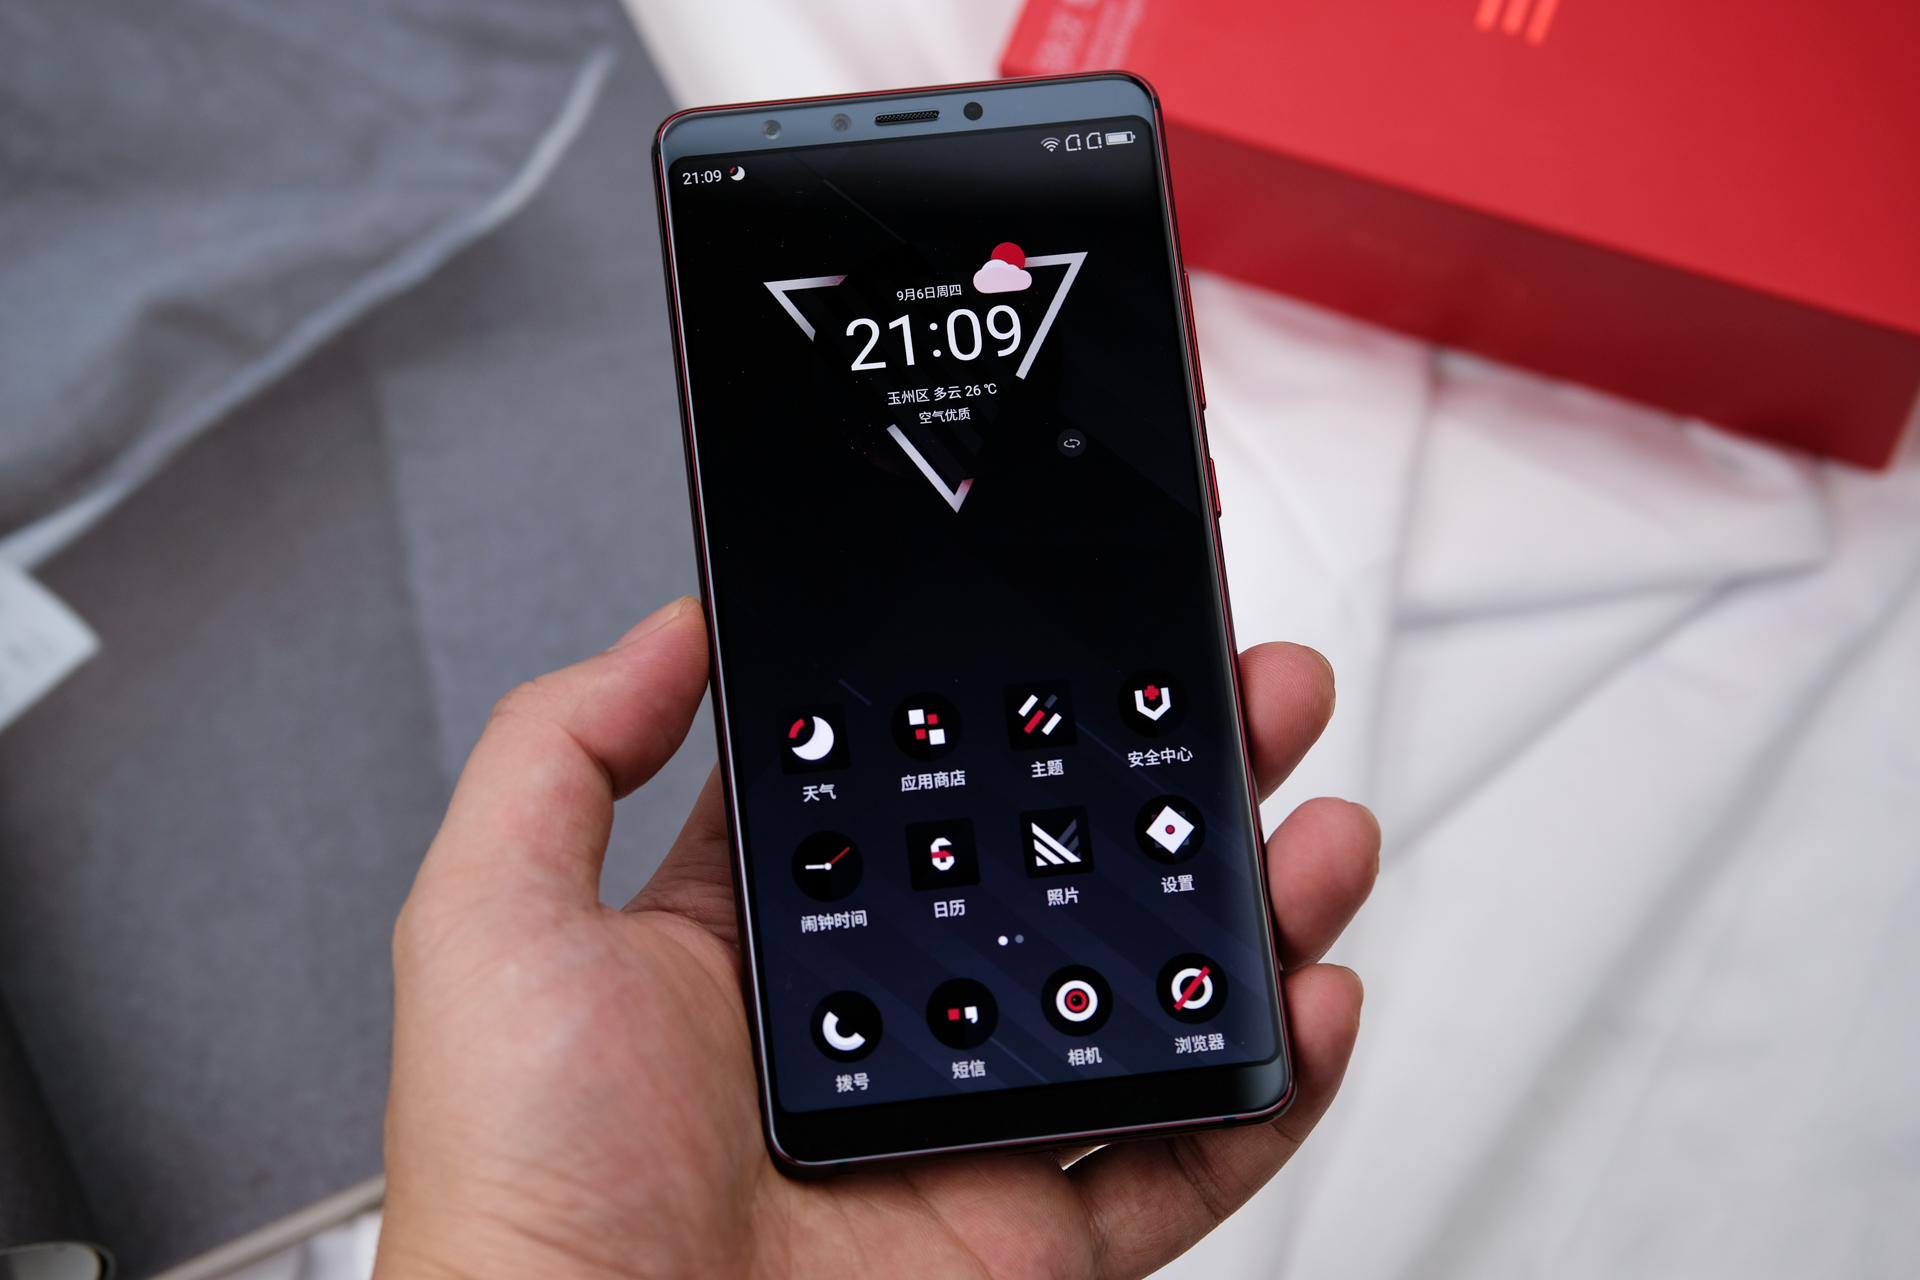 最新手机�yn�-a:+�_红与黑的潮流,做自己的态度:360手机 n7 pro 颜值有态度的开箱